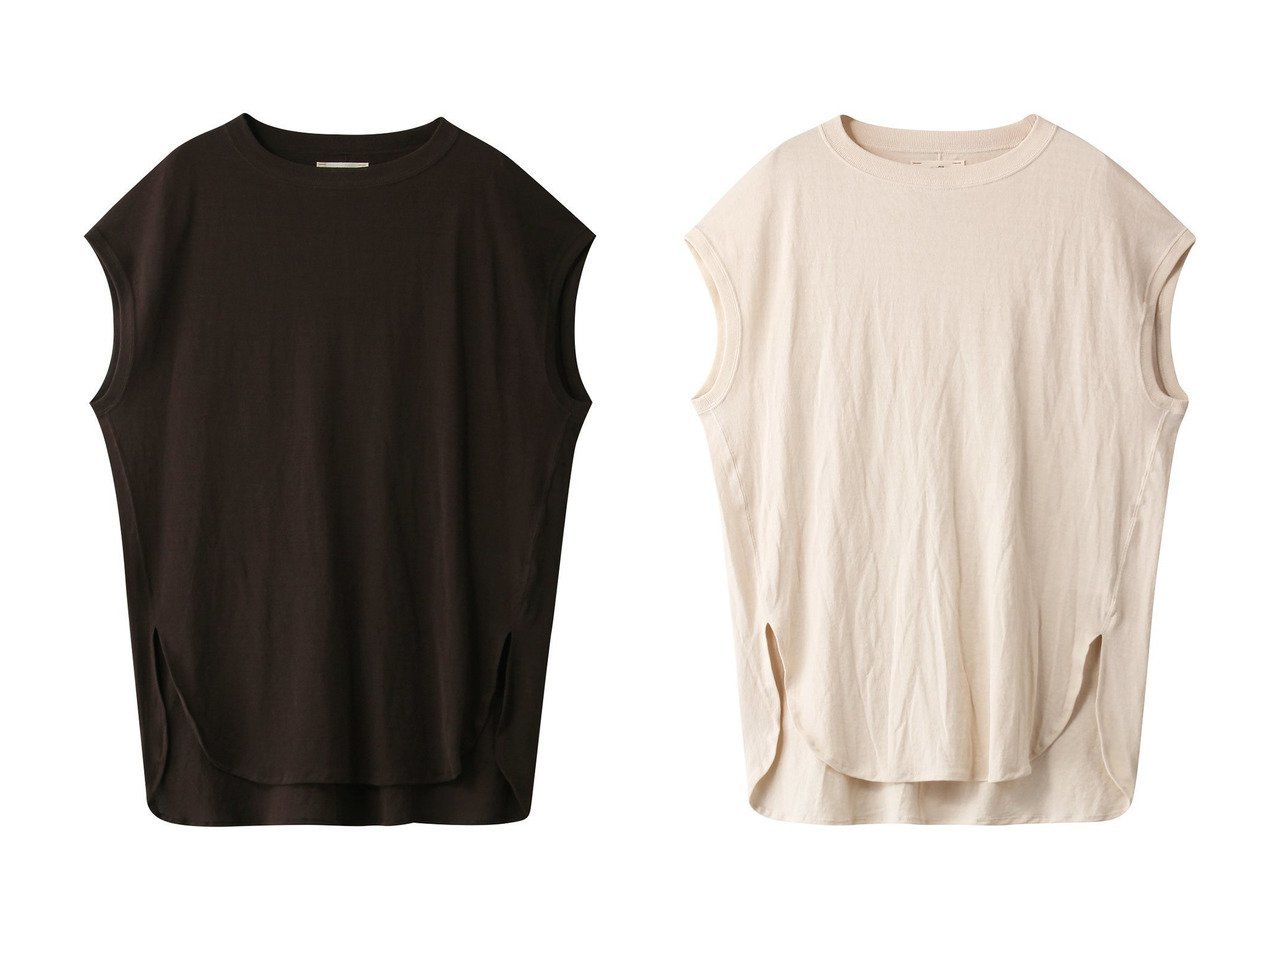 【unfil/アンフィル】のペーパージャージーノースリーブTシャツ 【トップス・カットソー】おすすめ!人気、トレンド・レディースファッションの通販 おすすめで人気の流行・トレンド、ファッションの通販商品 メンズファッション・キッズファッション・インテリア・家具・レディースファッション・服の通販 founy(ファニー) https://founy.com/ ファッション Fashion レディースファッション WOMEN トップス・カットソー Tops/Tshirt キャミソール / ノースリーブ No Sleeves シャツ/ブラウス Shirts/Blouses ロング / Tシャツ T-Shirts カットソー Cut and Sewn キャミソール ジャージー スリット タンク ノースリーブ ペーパー  ID:crp329100000038725